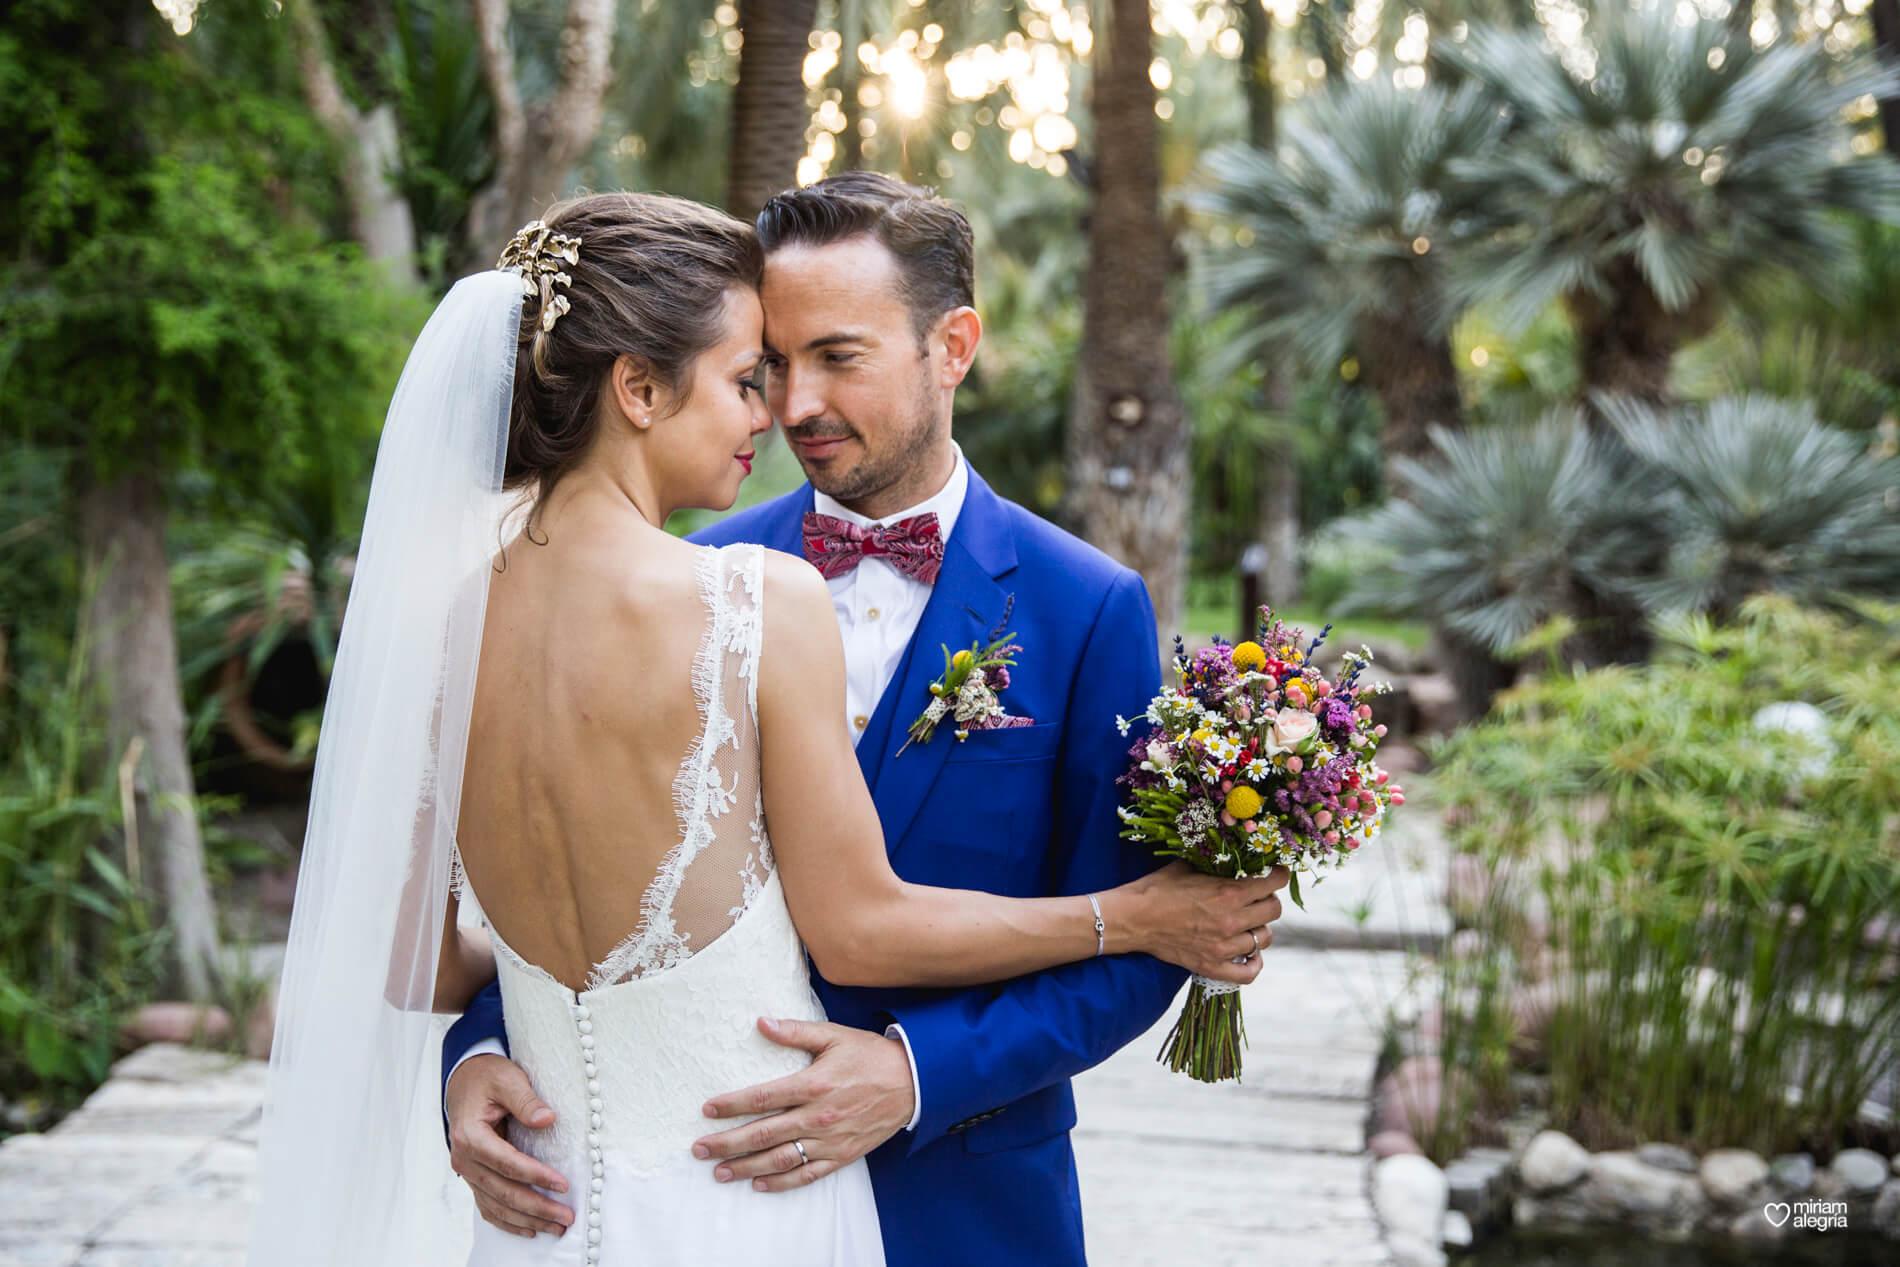 wedding-huerto-del-cura-elche-miriam-alegria-fotografos-boda-35